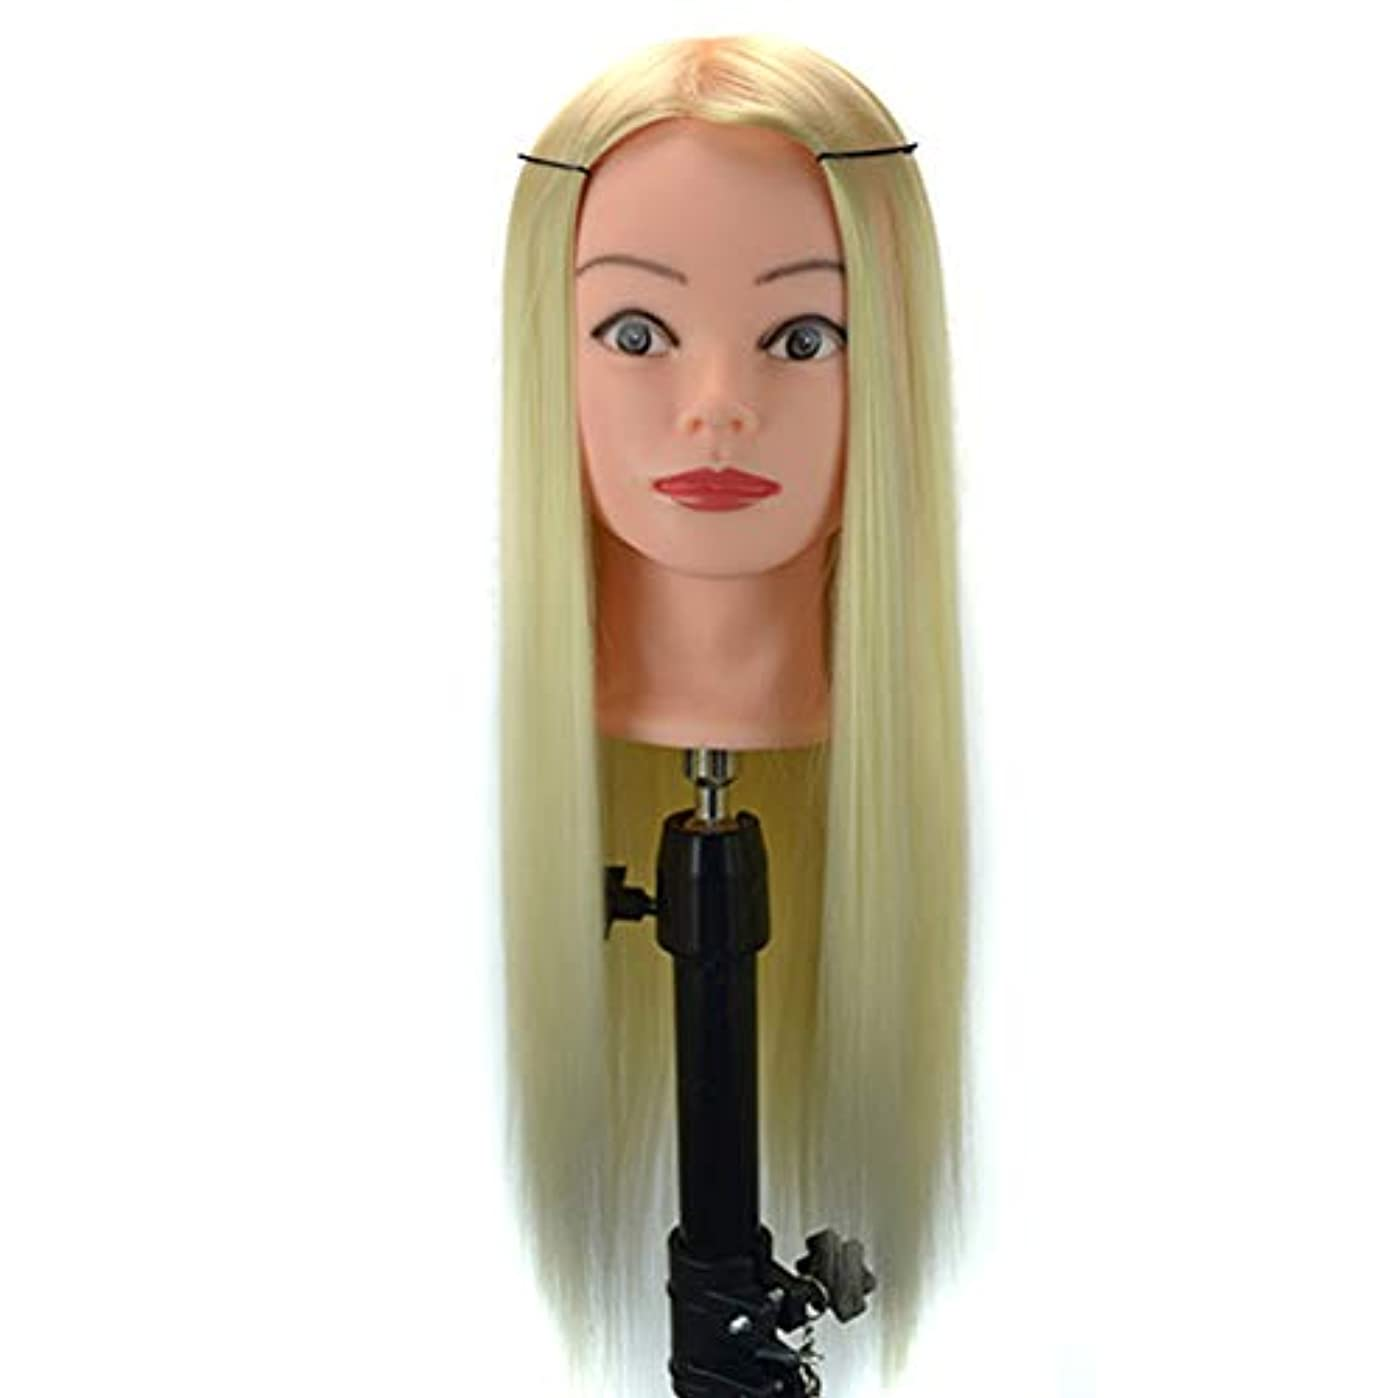 盗賊早める合体高温ワイヤートレーニングヘッド理髪マネキン人形ヘッドメイクプレートヘアー練習帽子ジュエリーディスプレイヘッド金型,offwhite